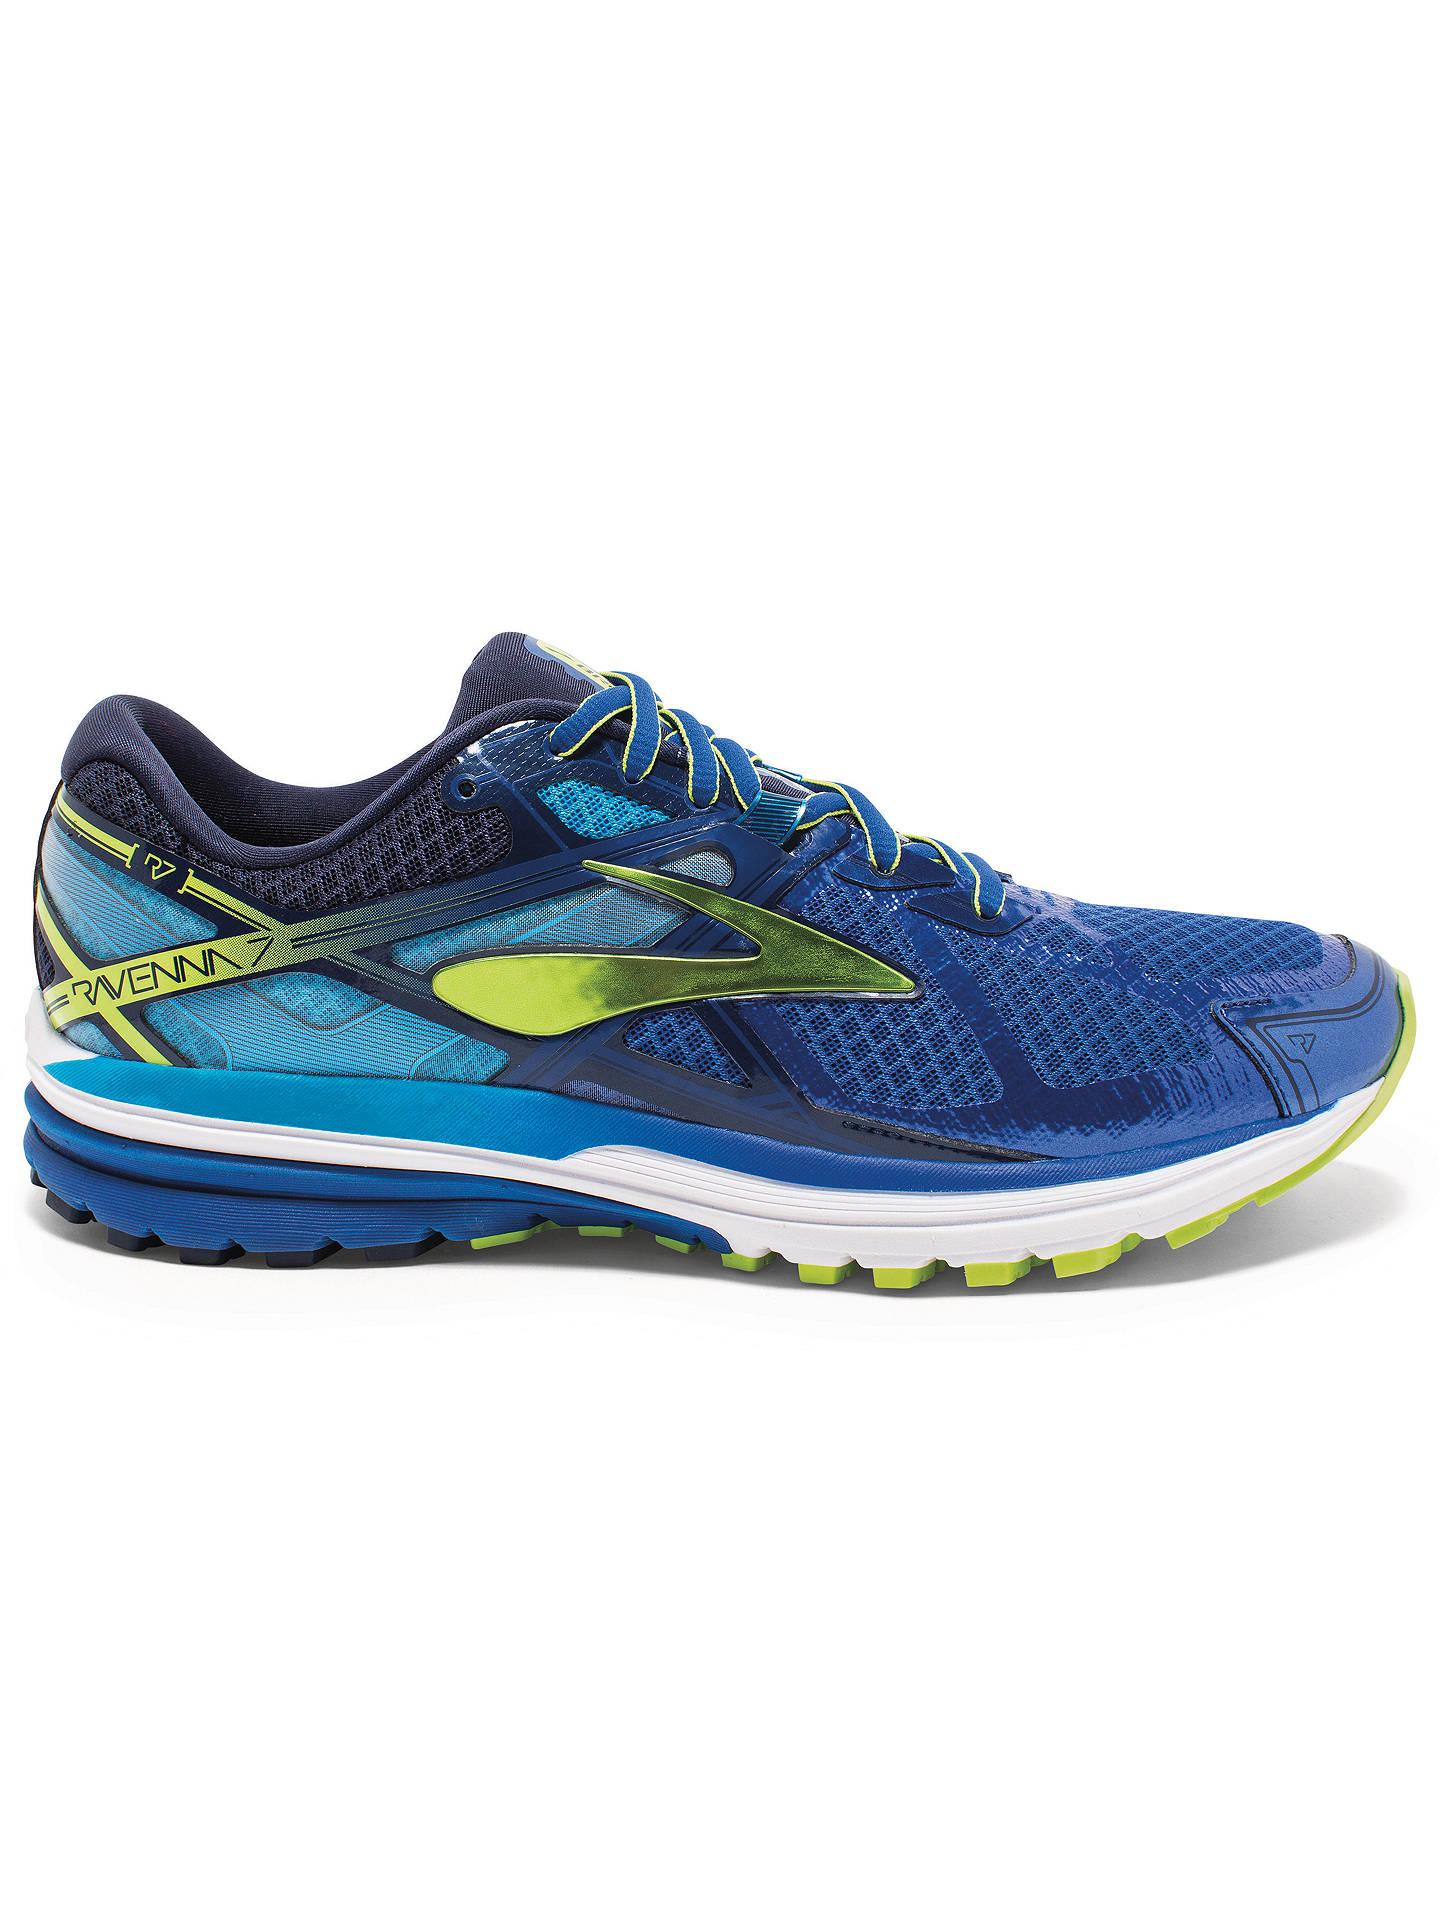 dcbe710e20880 Buy Brooks Ravenna 7 Men s Running Shoes